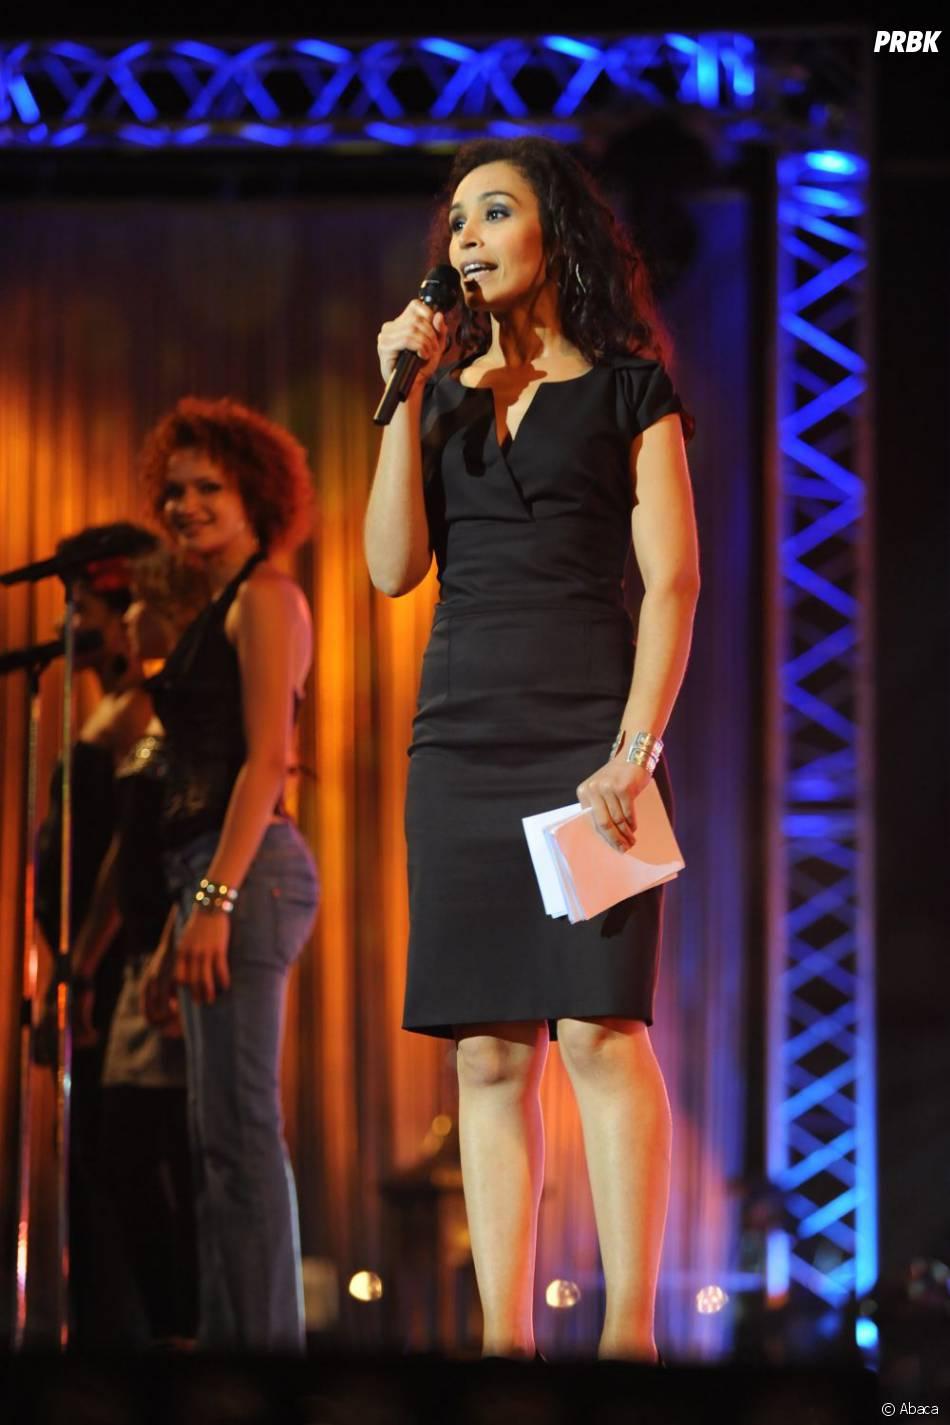 Aïda Thouiri (Grand Public sur France 2), animatrice tv la moins rentable selon le classement de Capital en avril 2013